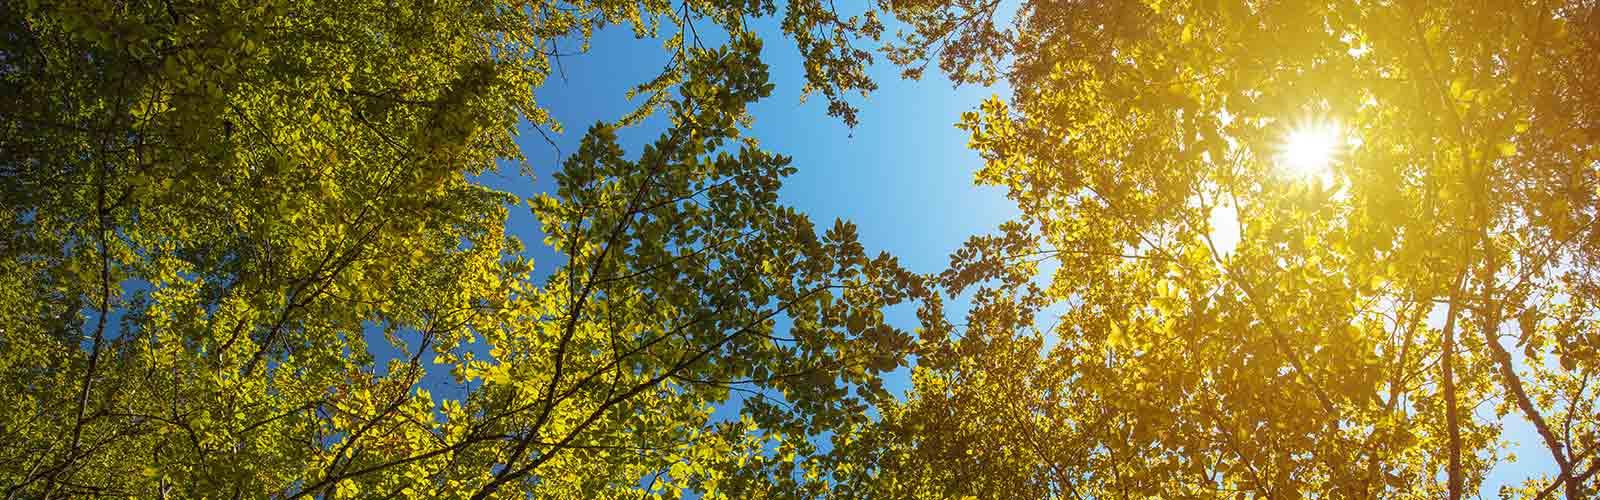 Baumpflege Rohrbeck - Auslichtung von Baumkronen